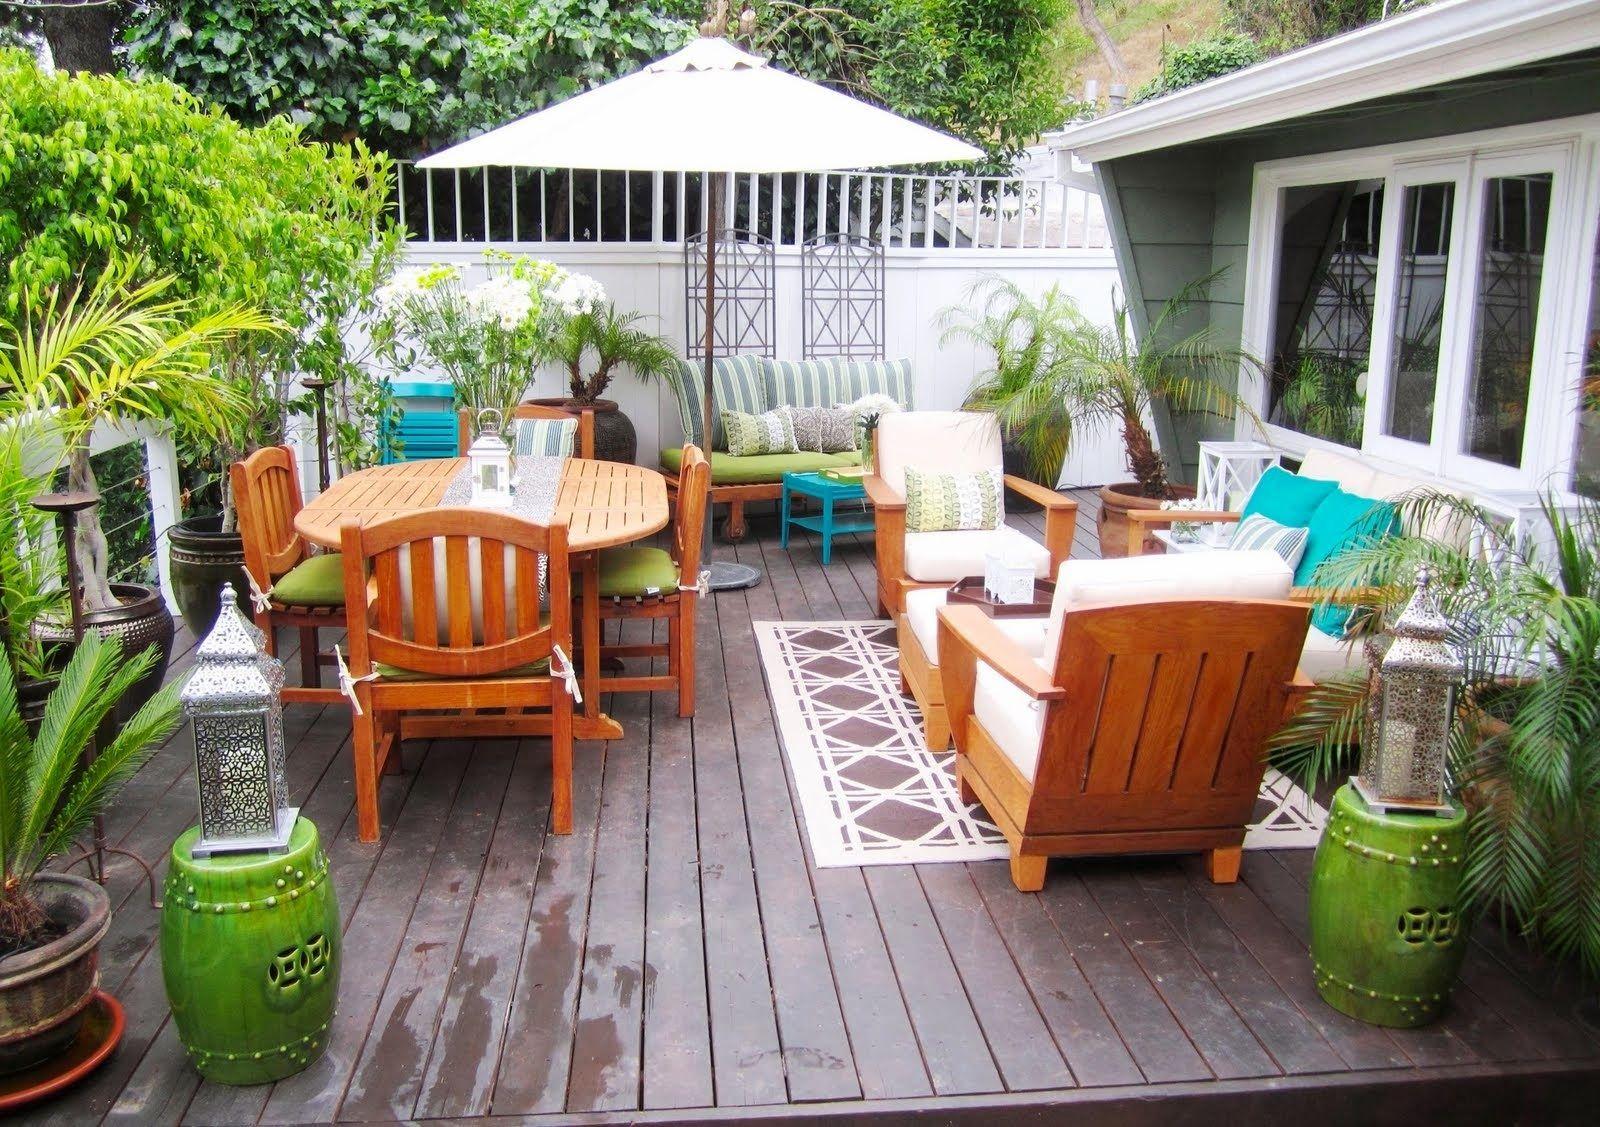 Balcony furniture small - Terrific Small Balcony Furniture